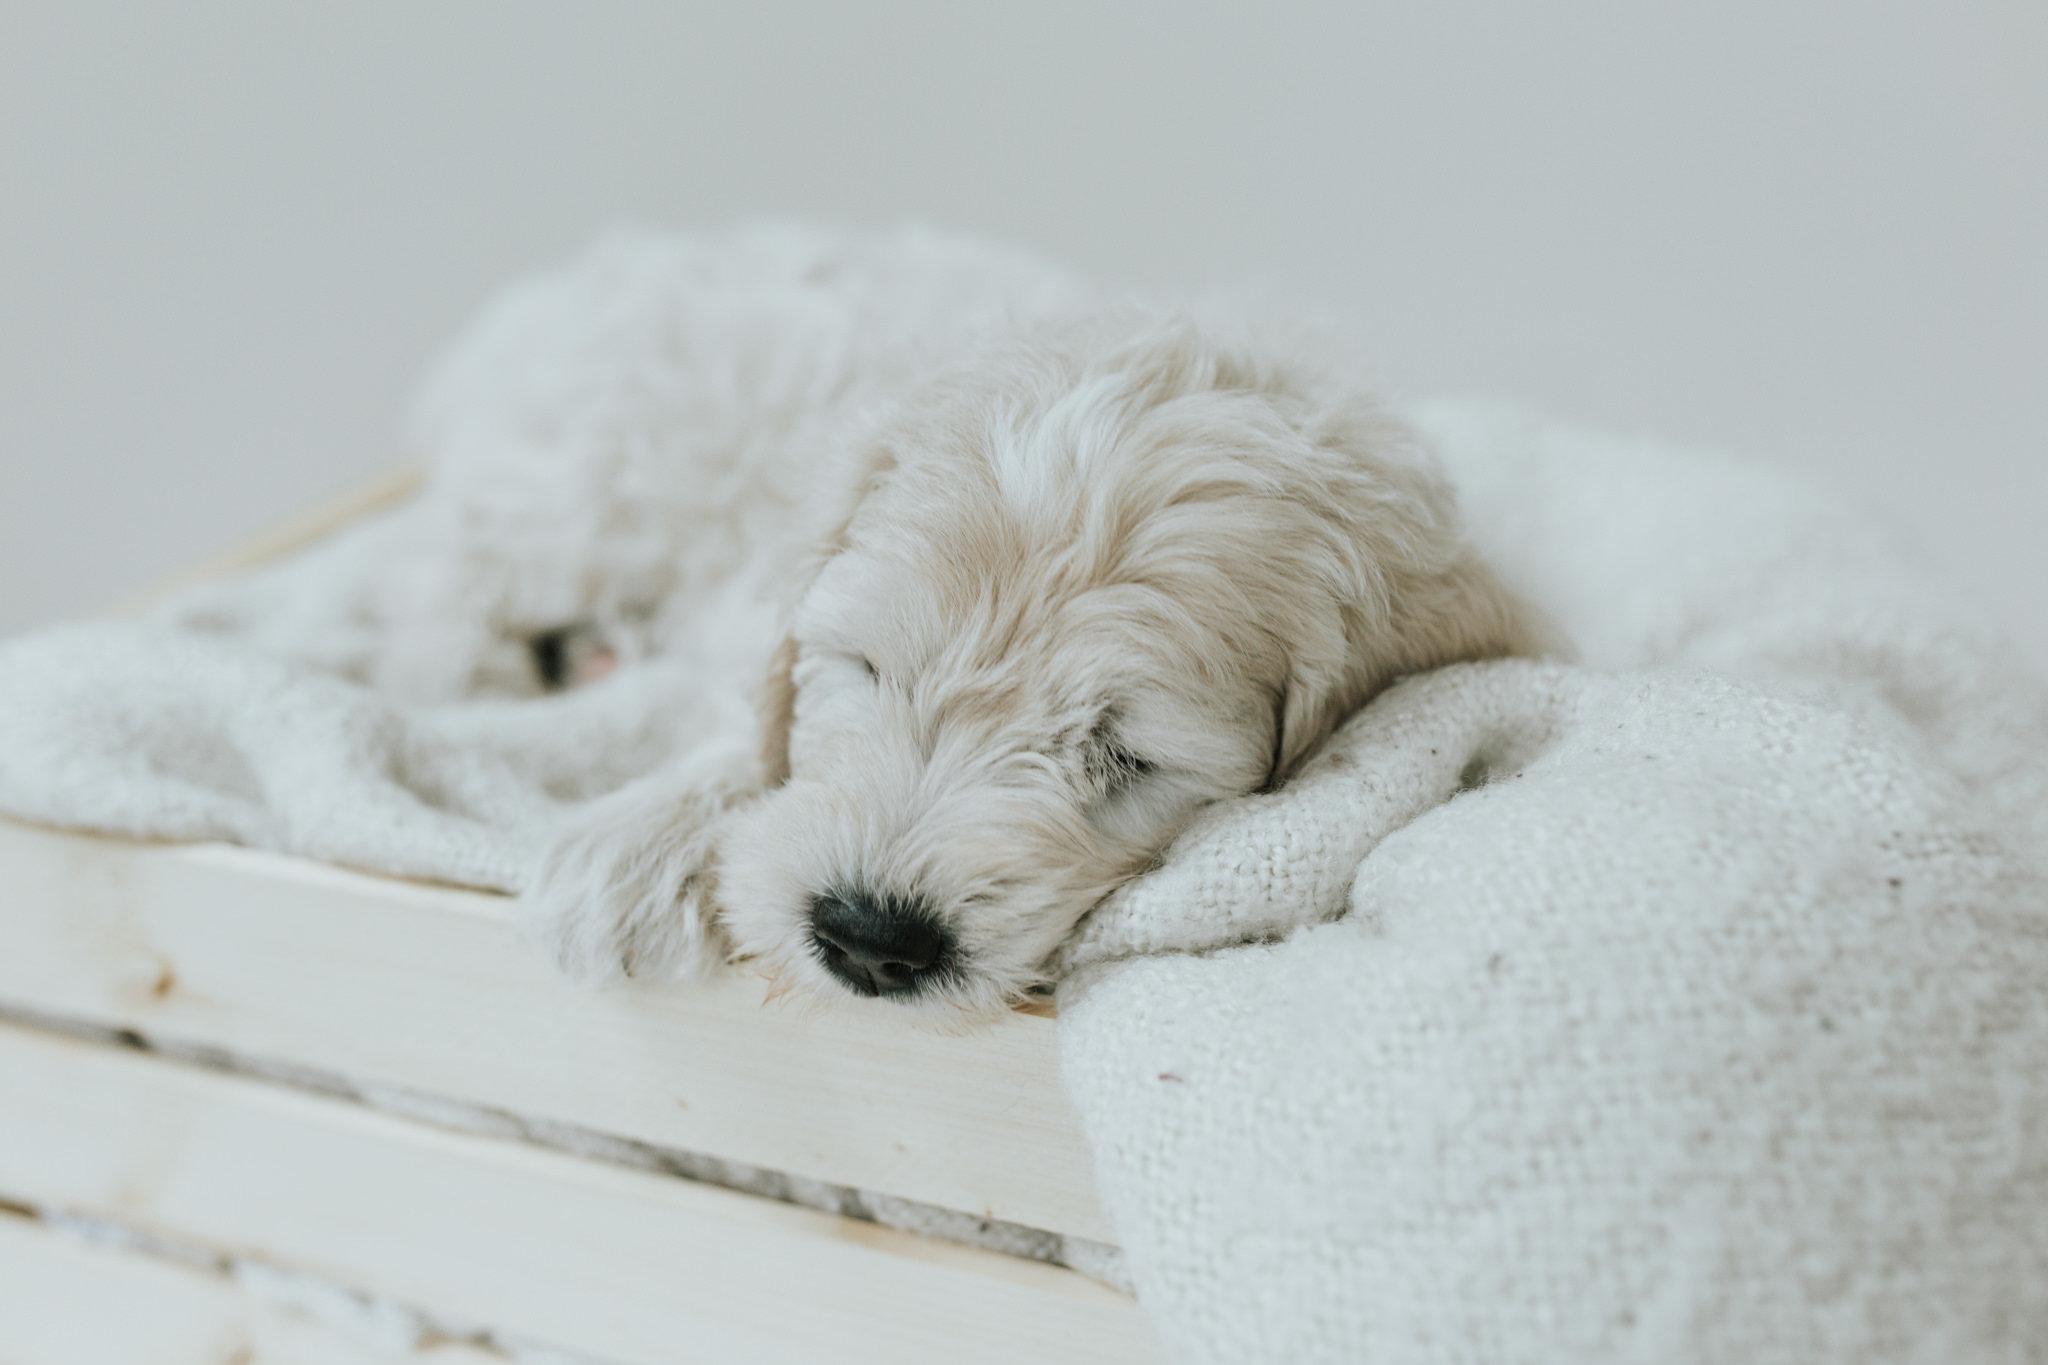 Puppies-Week-6-123.jpg